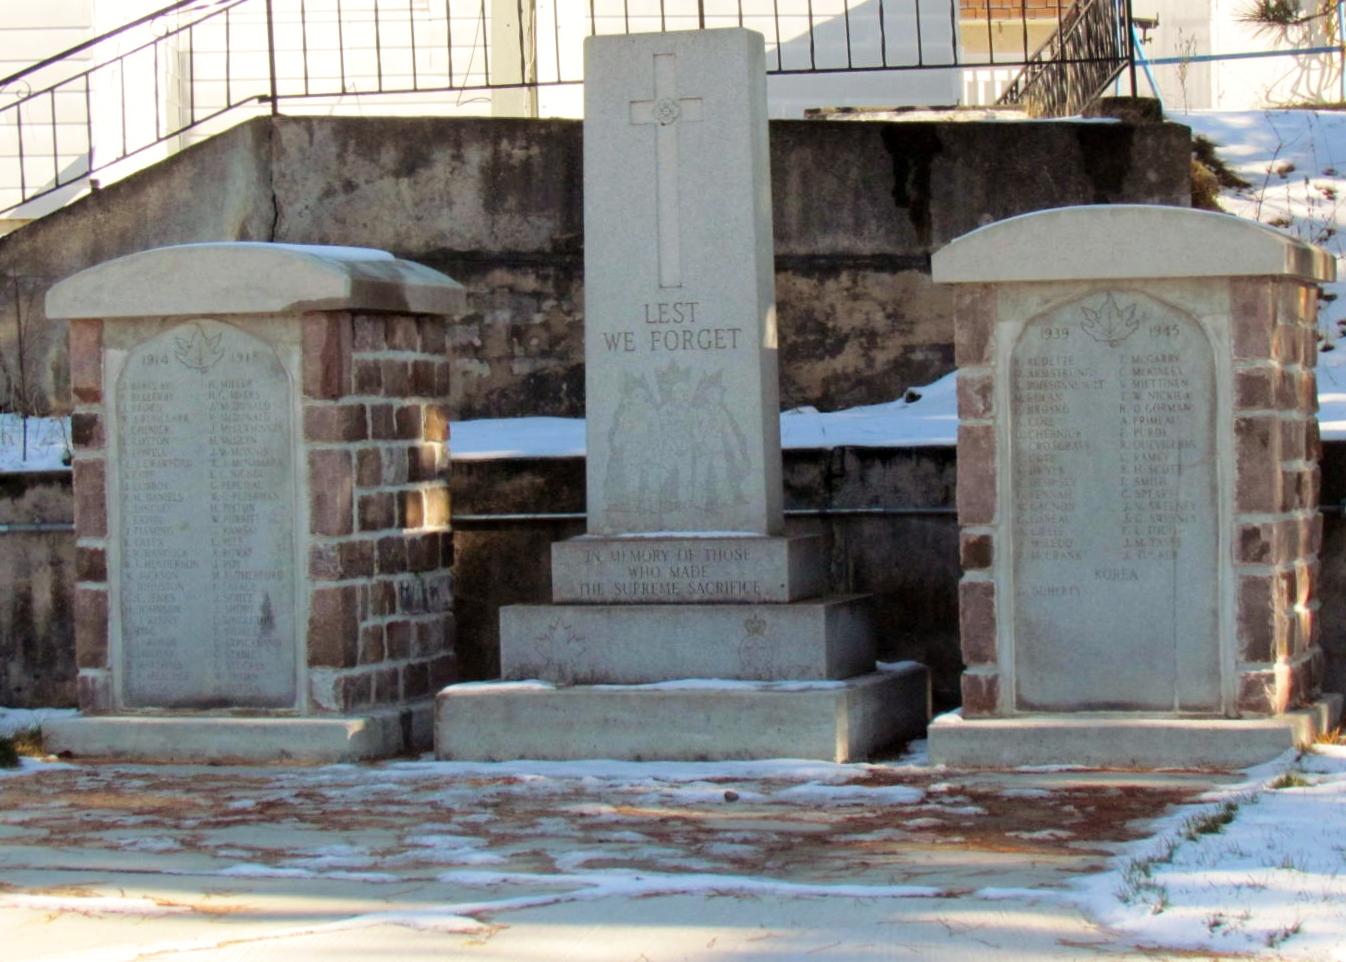 Cenotaph Cobalt Ontario– Cenotaph, Major Edward J Holland Memorial Park, Cobalt Ontario, Photo by Ken Riley